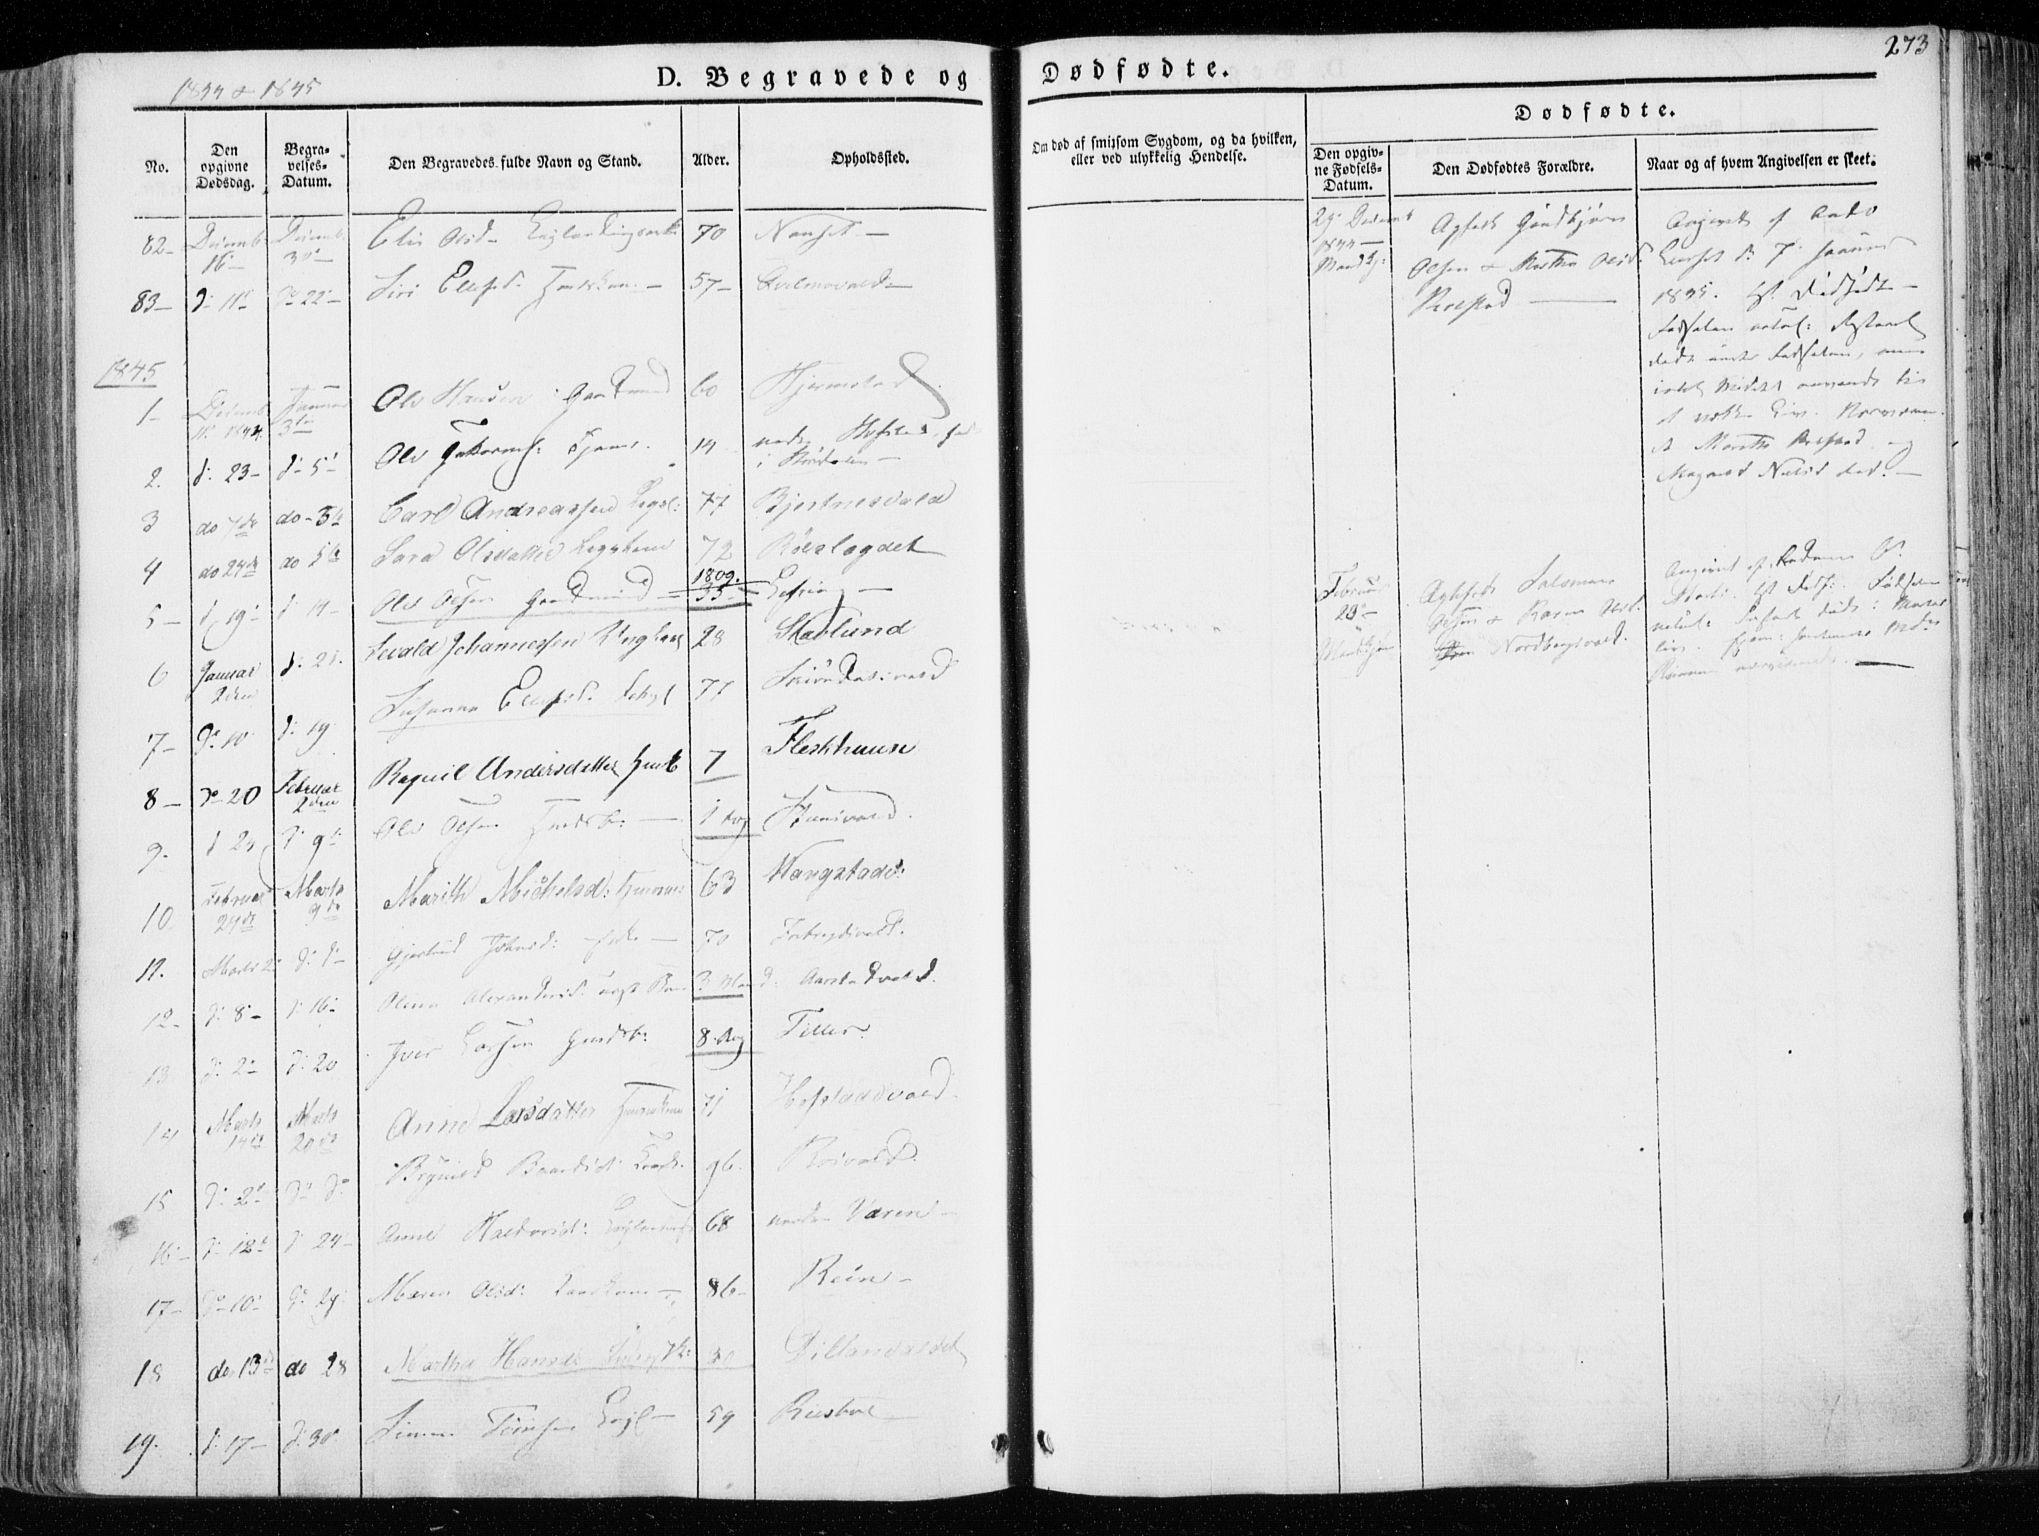 SAT, Ministerialprotokoller, klokkerbøker og fødselsregistre - Nord-Trøndelag, 723/L0239: Ministerialbok nr. 723A08, 1841-1851, s. 273